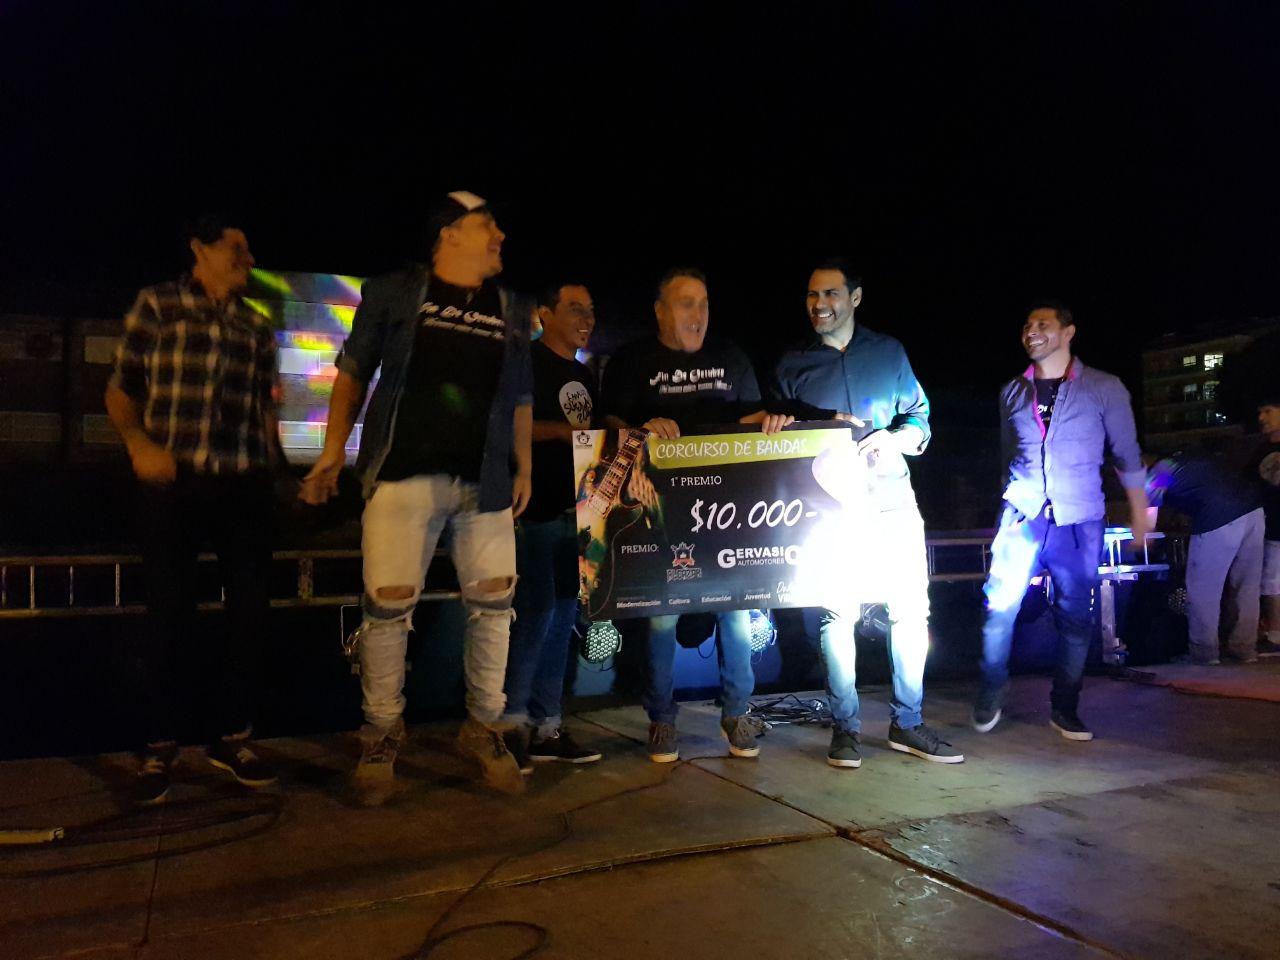 La banda folclórica de Villa General Savio fue la gran ganadora del Ramallo Suena 2018, en una noche llena de talento y sorpresas. La final del concurso se realizó en los festejos por el 132 aniversario de Villa Ramallo.